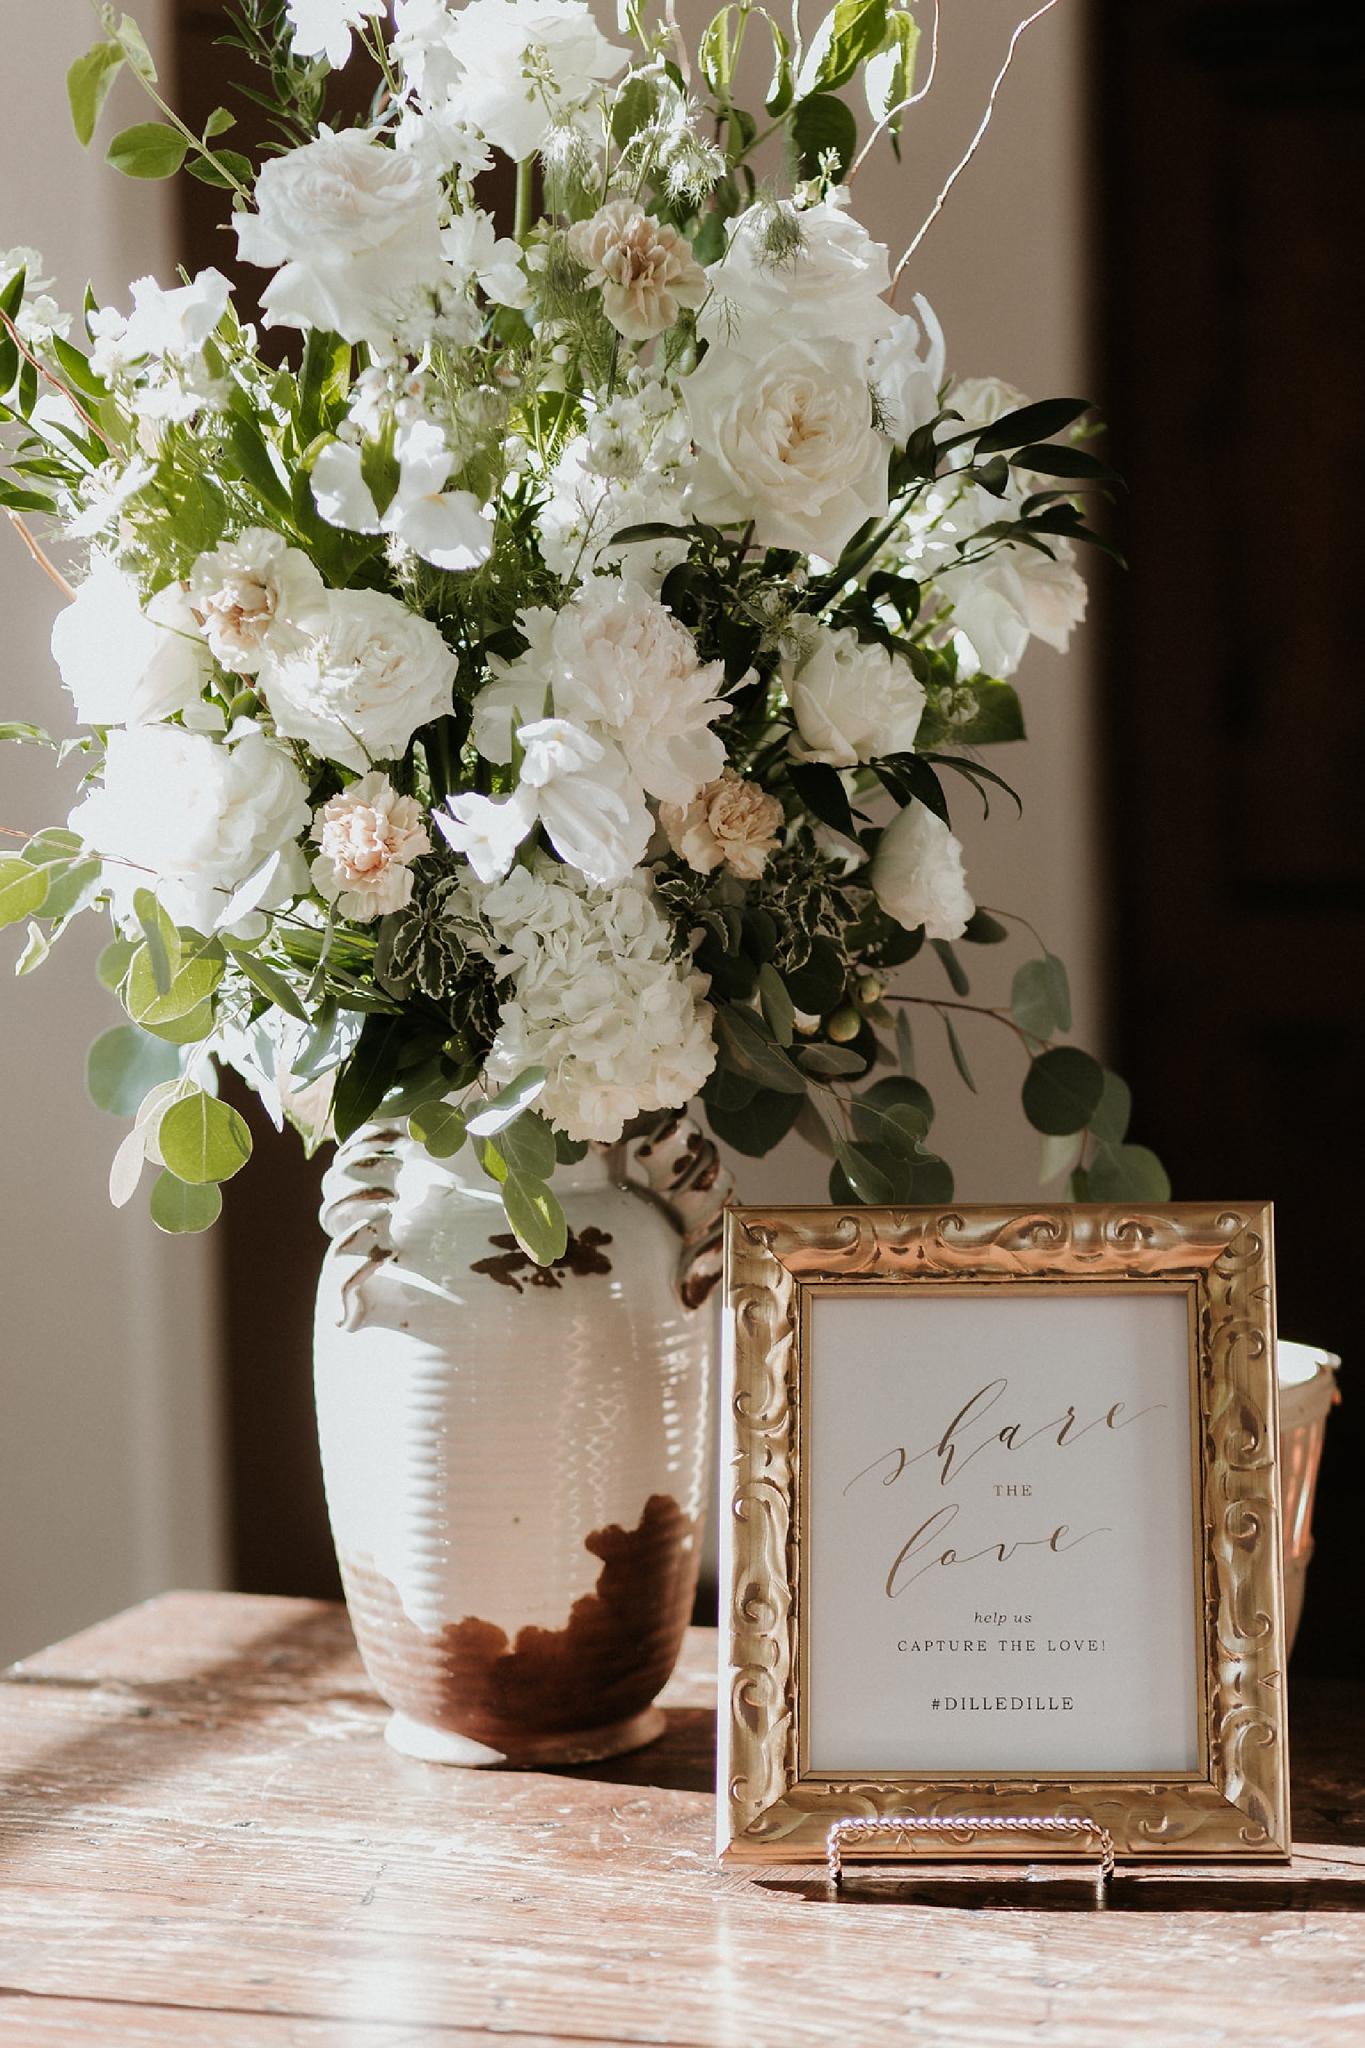 Alicia+lucia+photography+-+albuquerque+wedding+photographer+-+santa+fe+wedding+photography+-+new+mexico+wedding+photographer+-+new+mexico+florist+-+wedding+florist+-+renegade+floral_0015.jpg